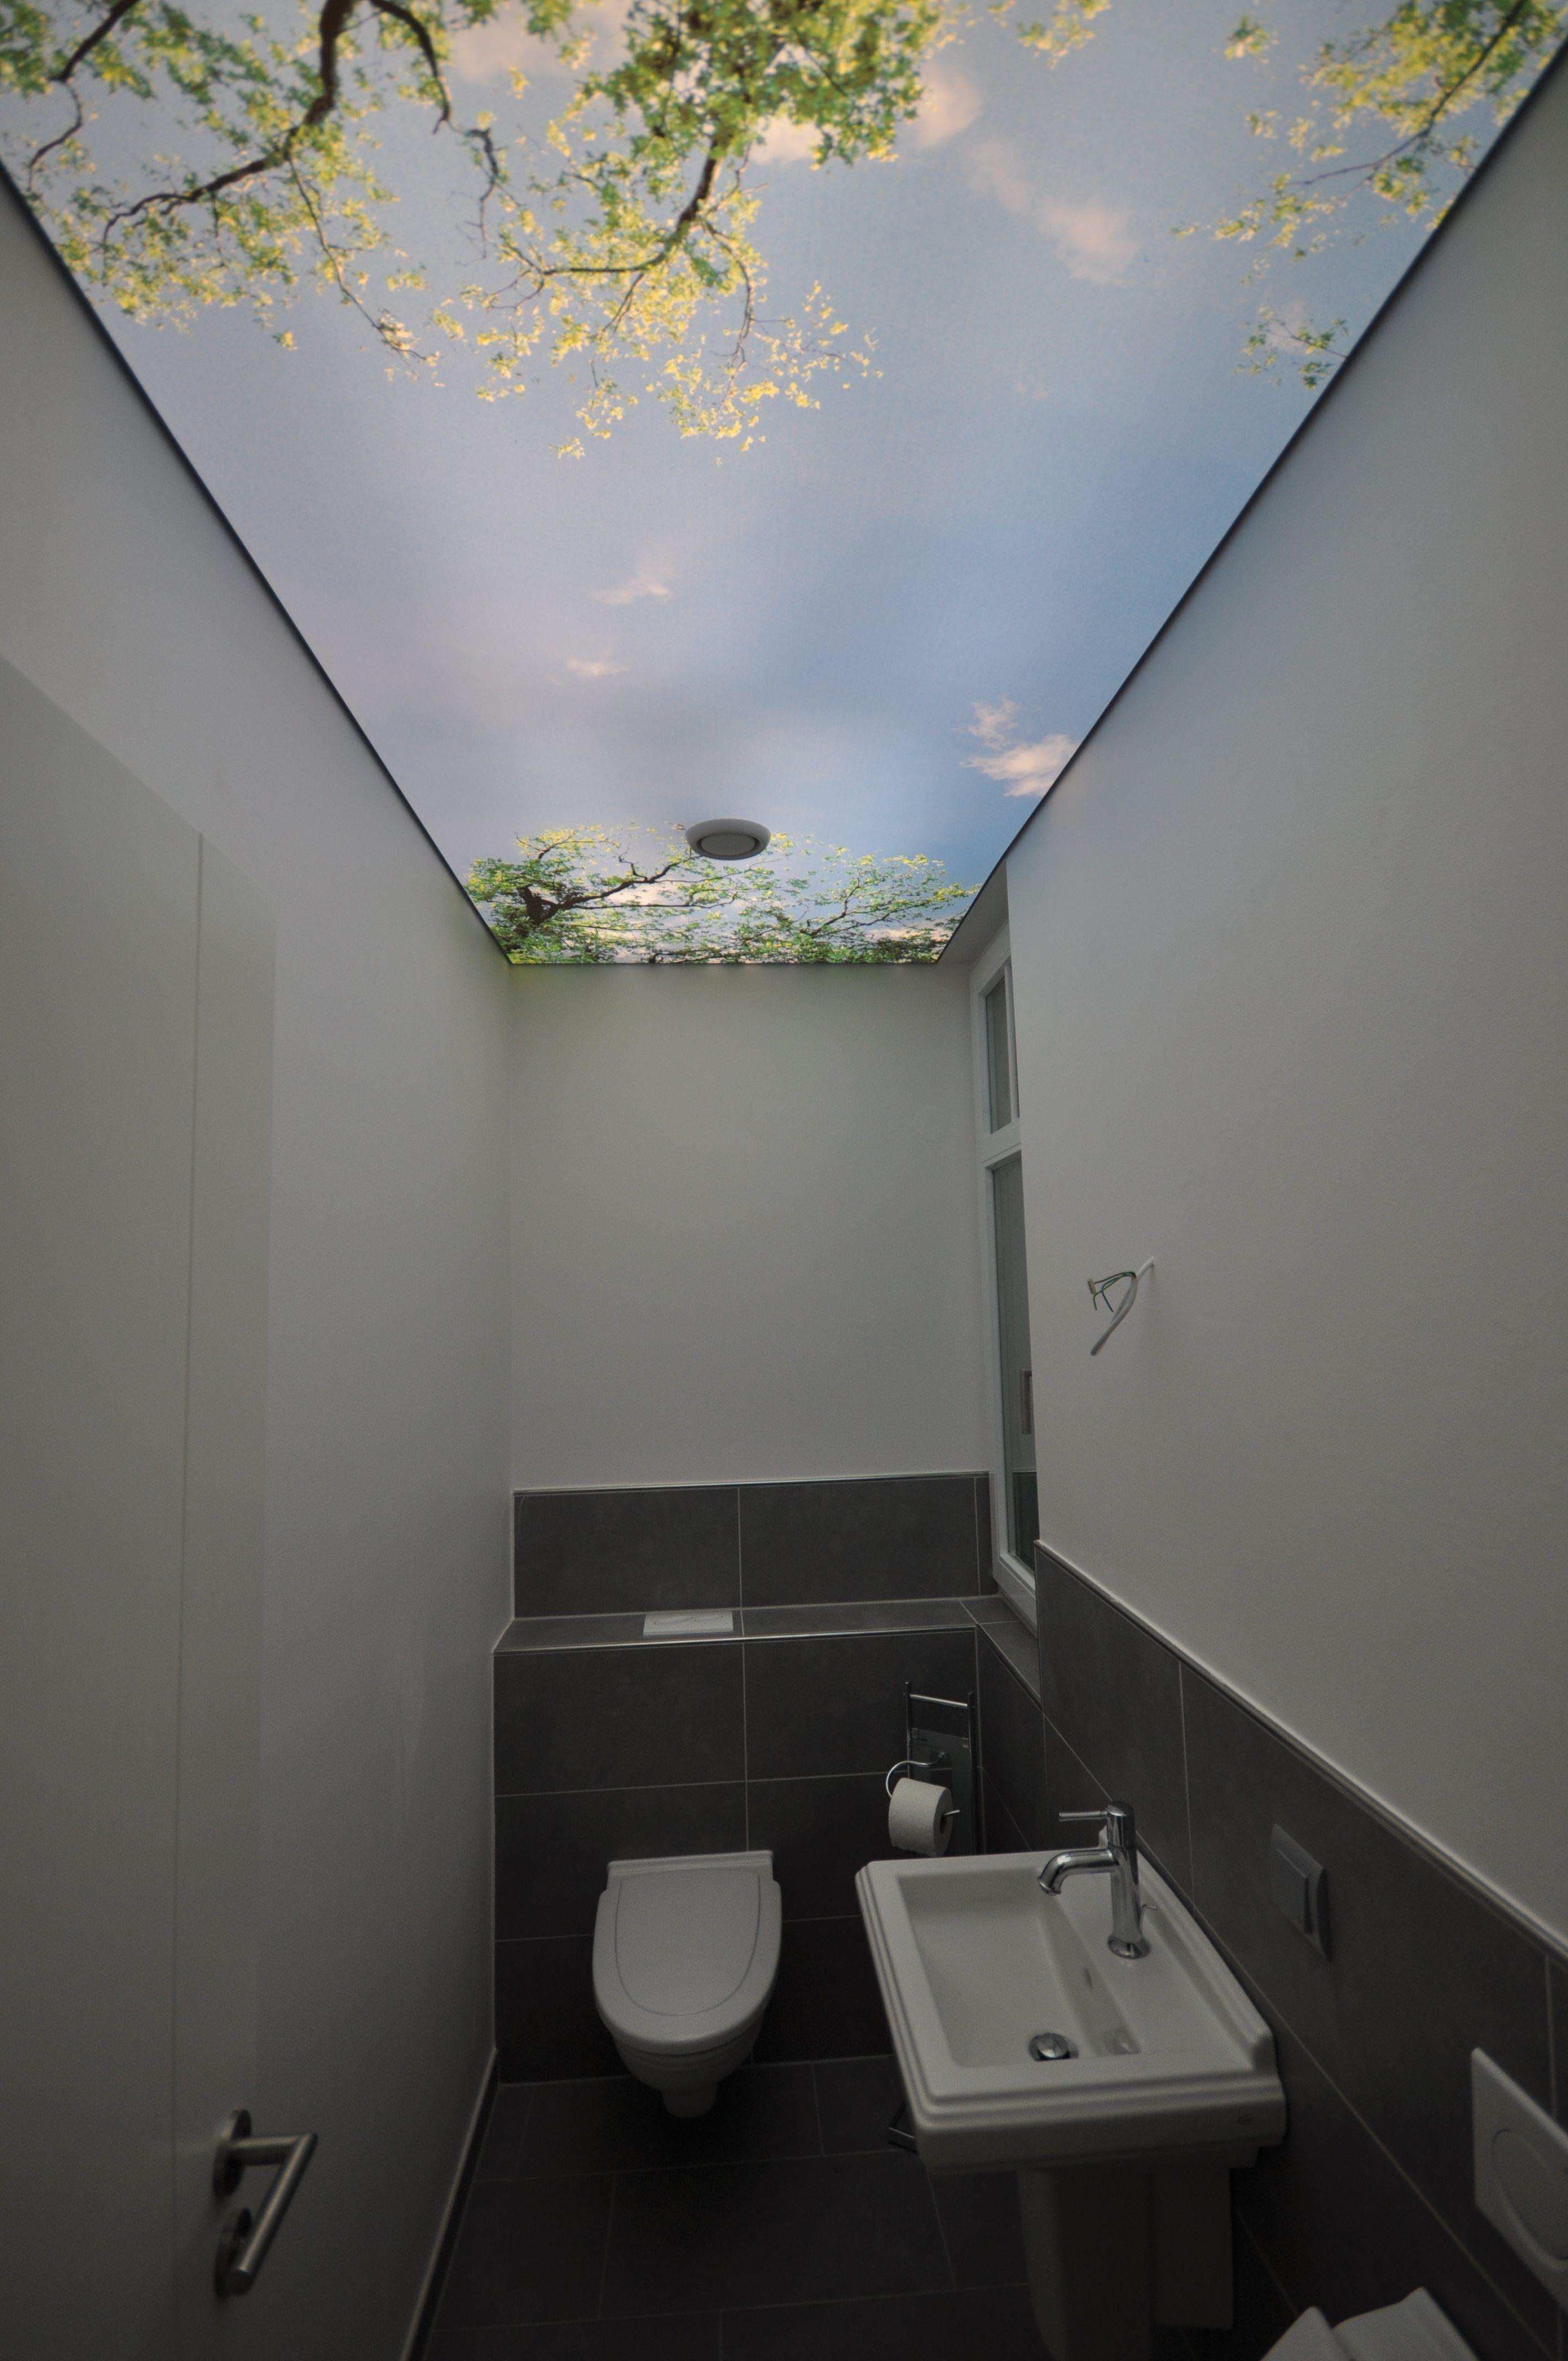 Bedruckte Spanndecke In Einem Gaste Wc Beleuchtung Wc Spanndecke Bad Toilette Renovieren Sanieren Design Himmel Baume Spanndecken Gaste Wc Gaste Wc Gestalten